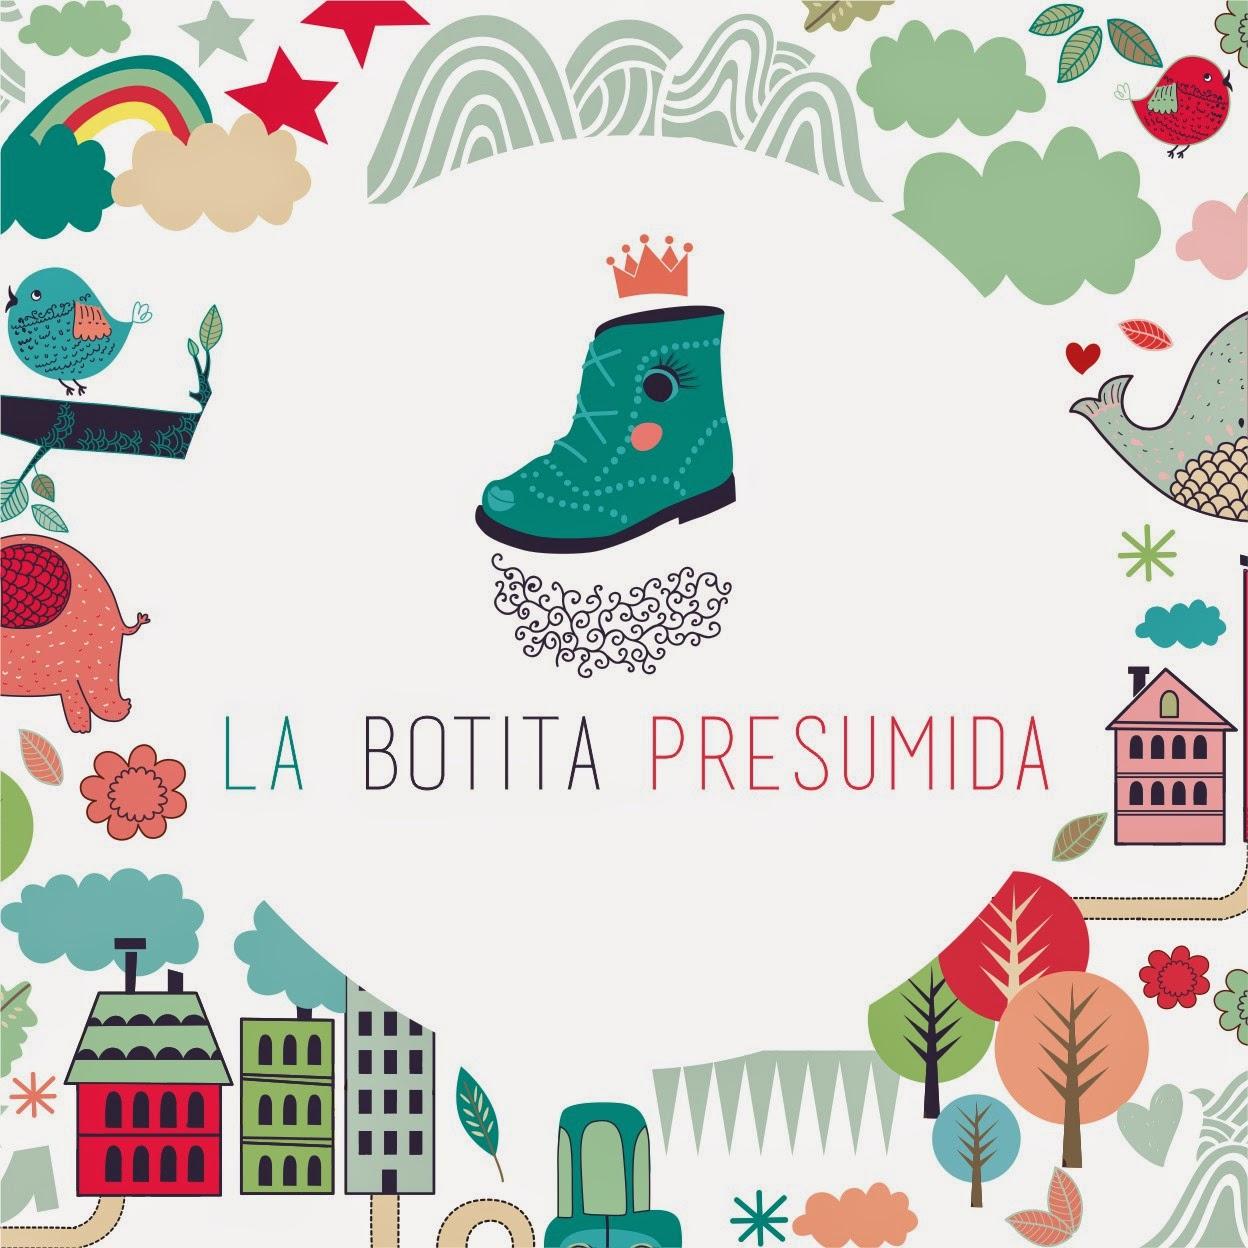 branding-logotipo-design-diseño-la-botita-presumida-zapateria-complementos-saron-tienda-niños-azul-rosa-bota-zapato-verde-ballena-elefante-nubes-coche-casas-botas-publicidad-tarjeta-visita